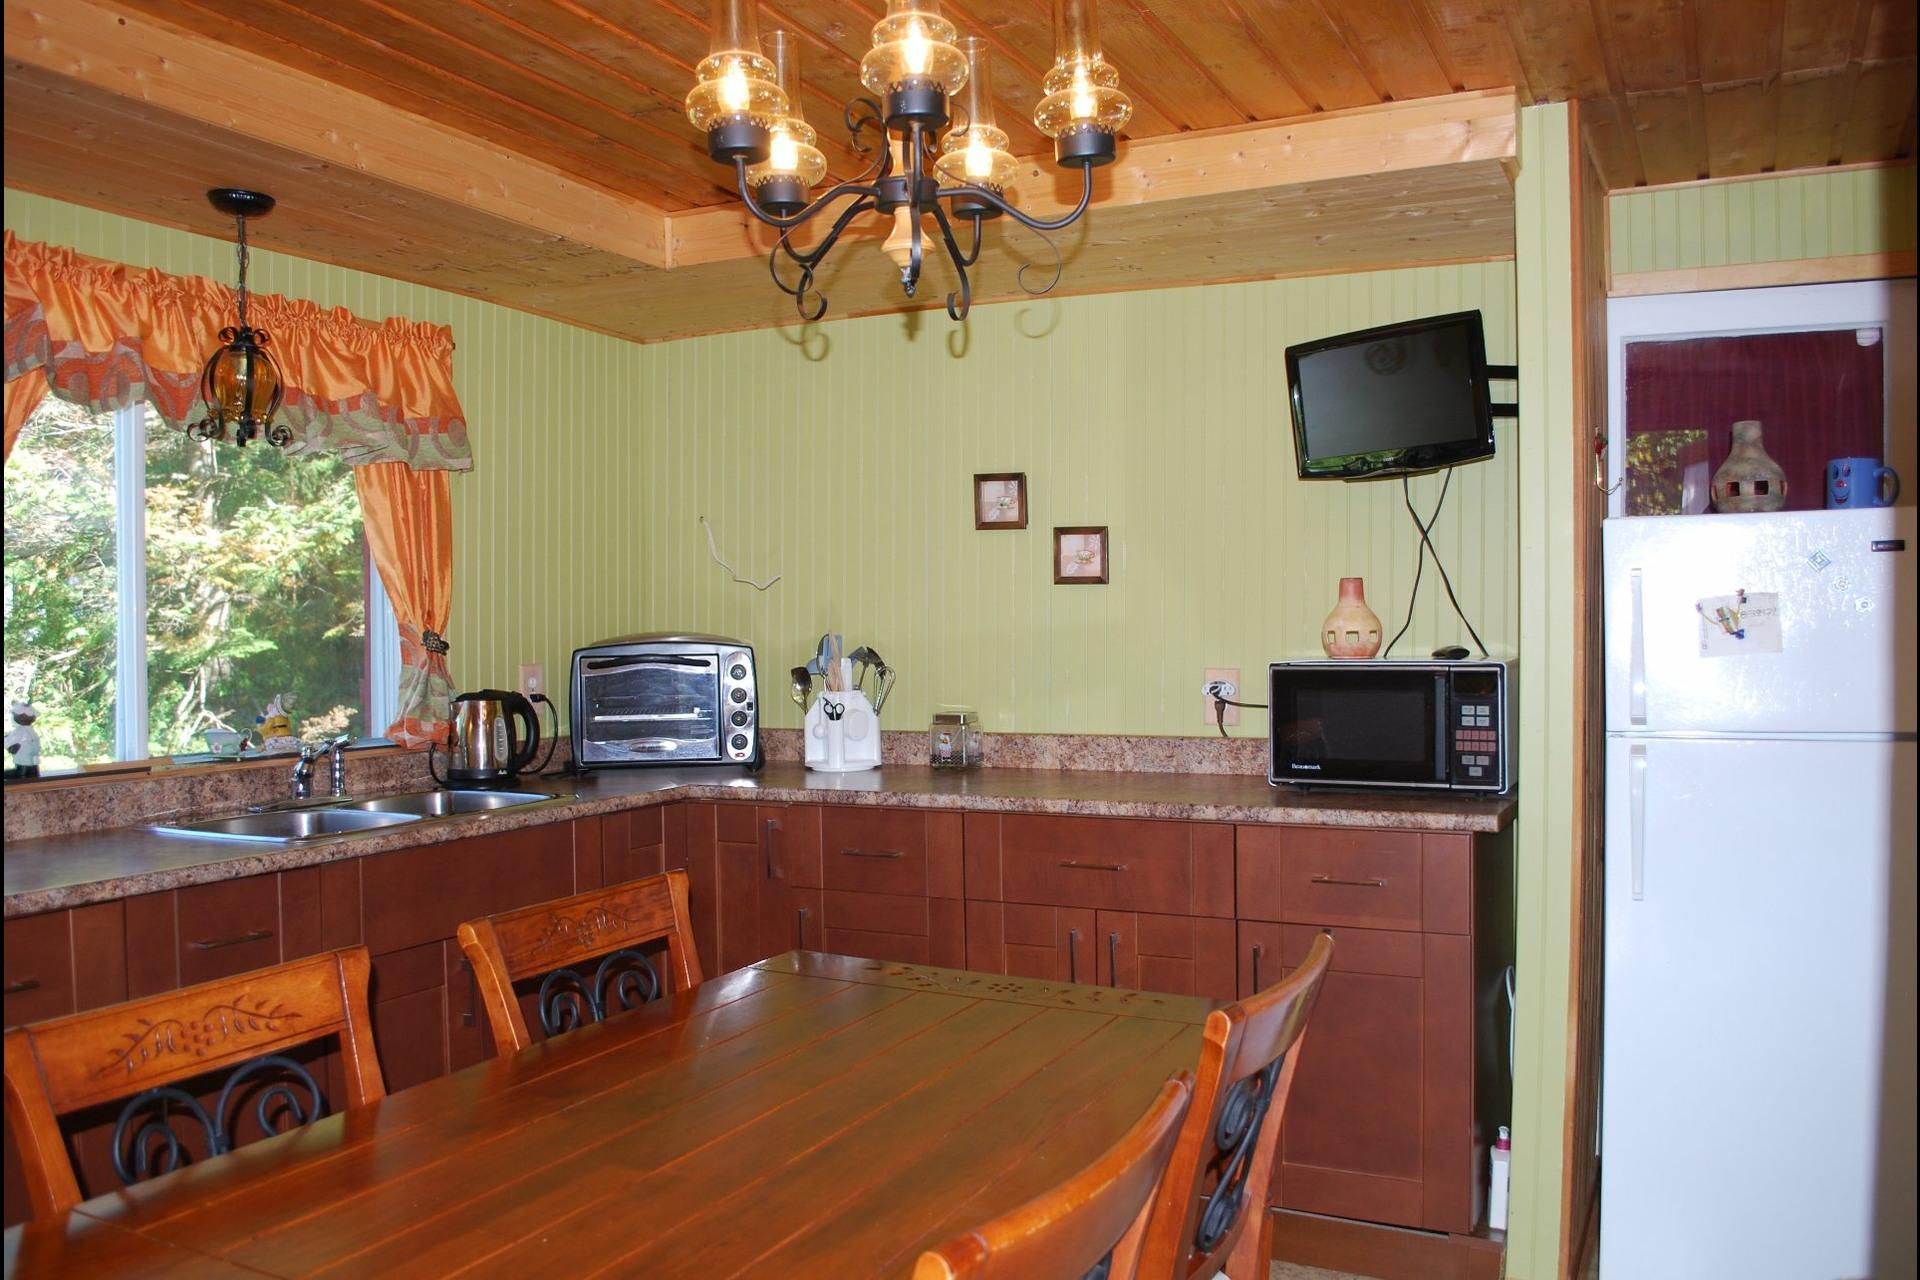 image 4 - House For sale Sainte-Béatrix - 5 rooms